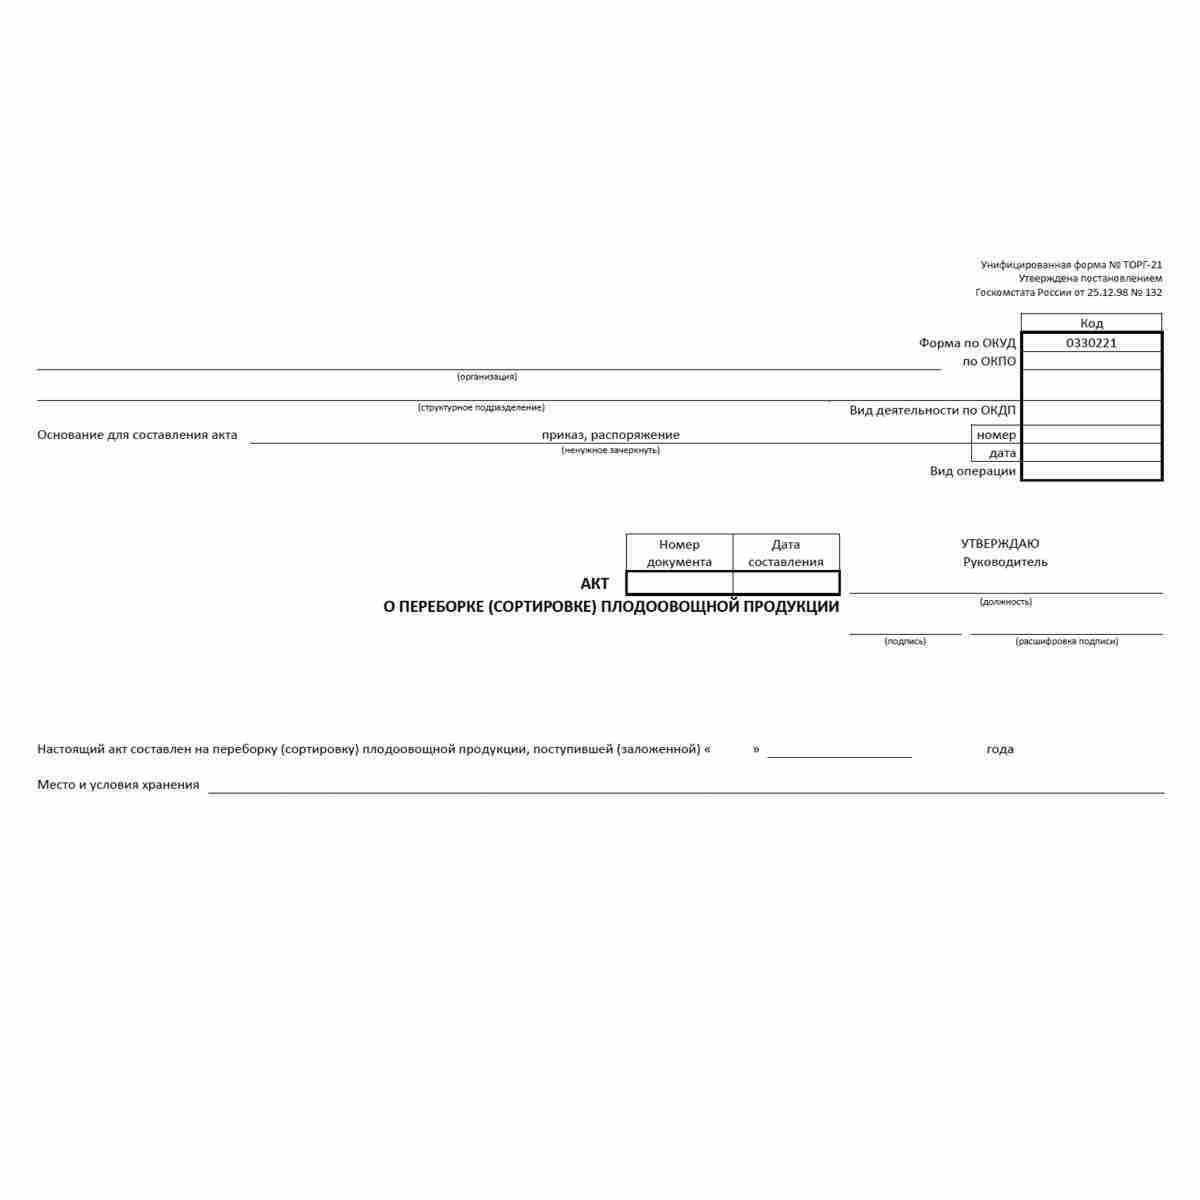 """Унифицированная форма первичной учетной документации №ТОРГ-21 """"Акт о переработке, сортировке плодоовощной продукции"""" (ОКУД 0330221). Стр 1"""